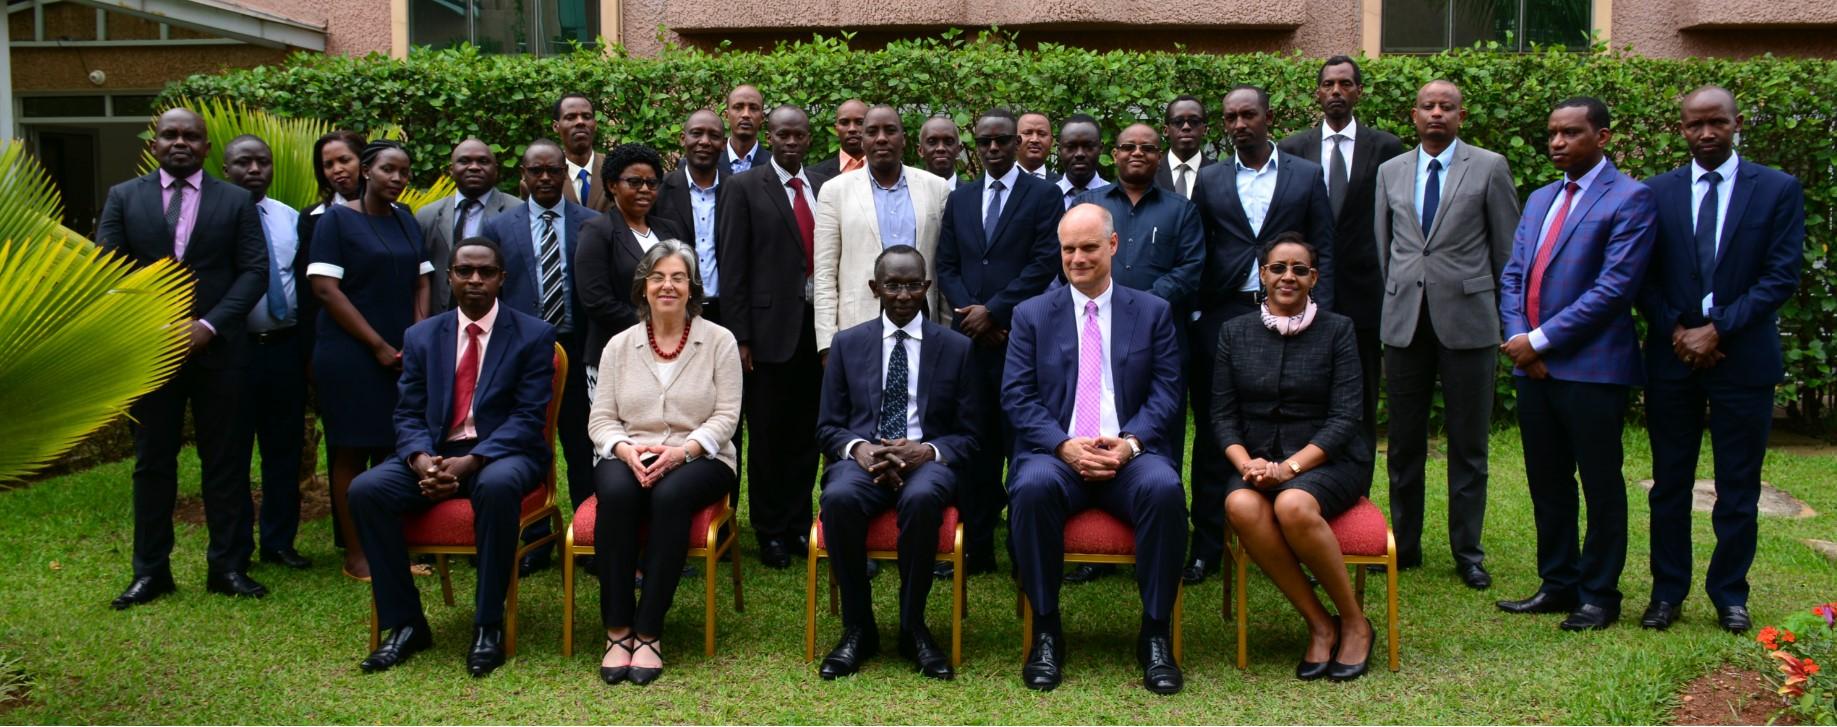 Weinstein International Foundation conference in Rwanda.